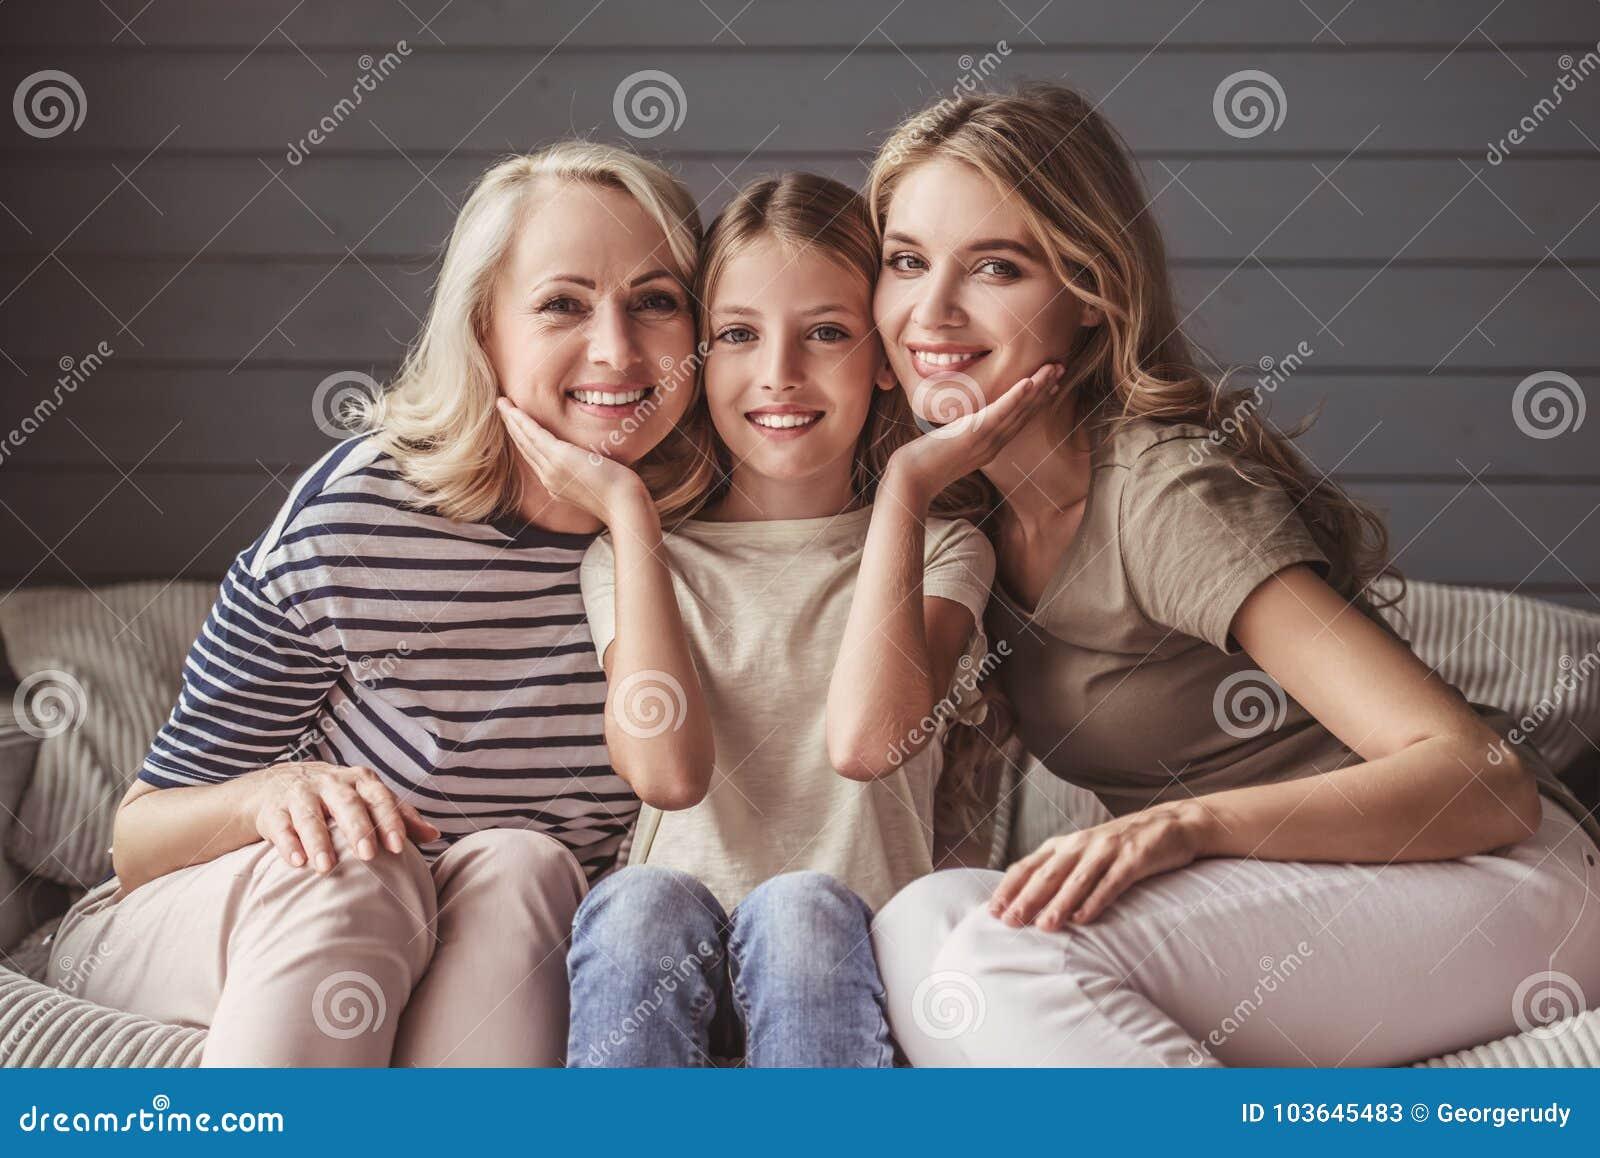 Oma Und Ihre Tochter